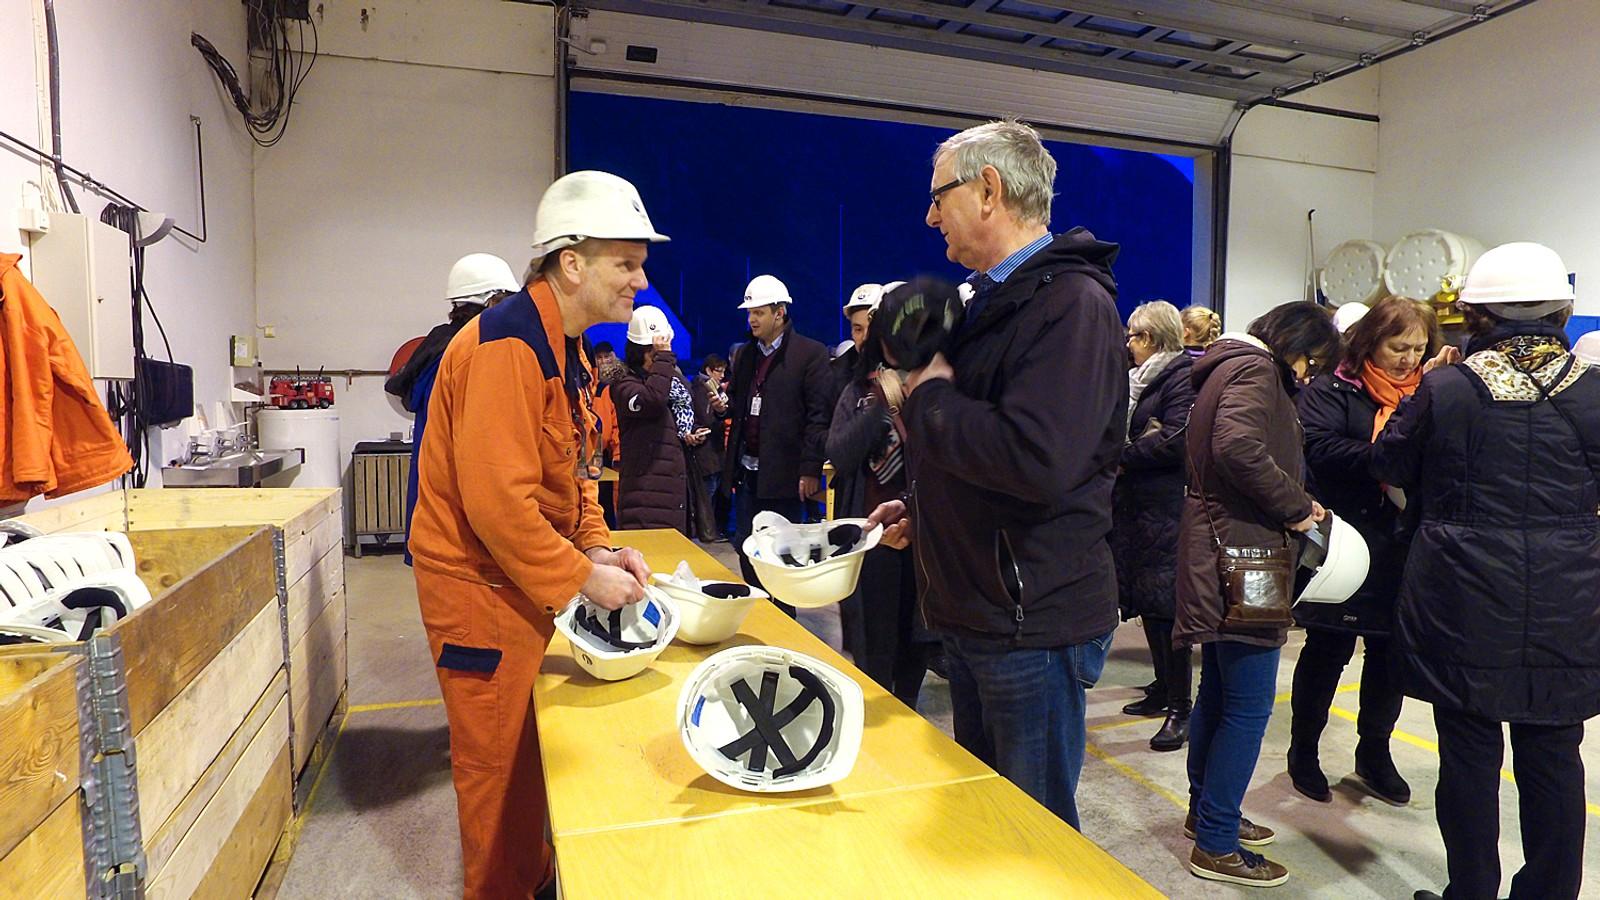 TRYGGLEIK: Alle må ha hjelm inne i fabrikken, som er omdanna til eit gigantisk og flott konsertlokale